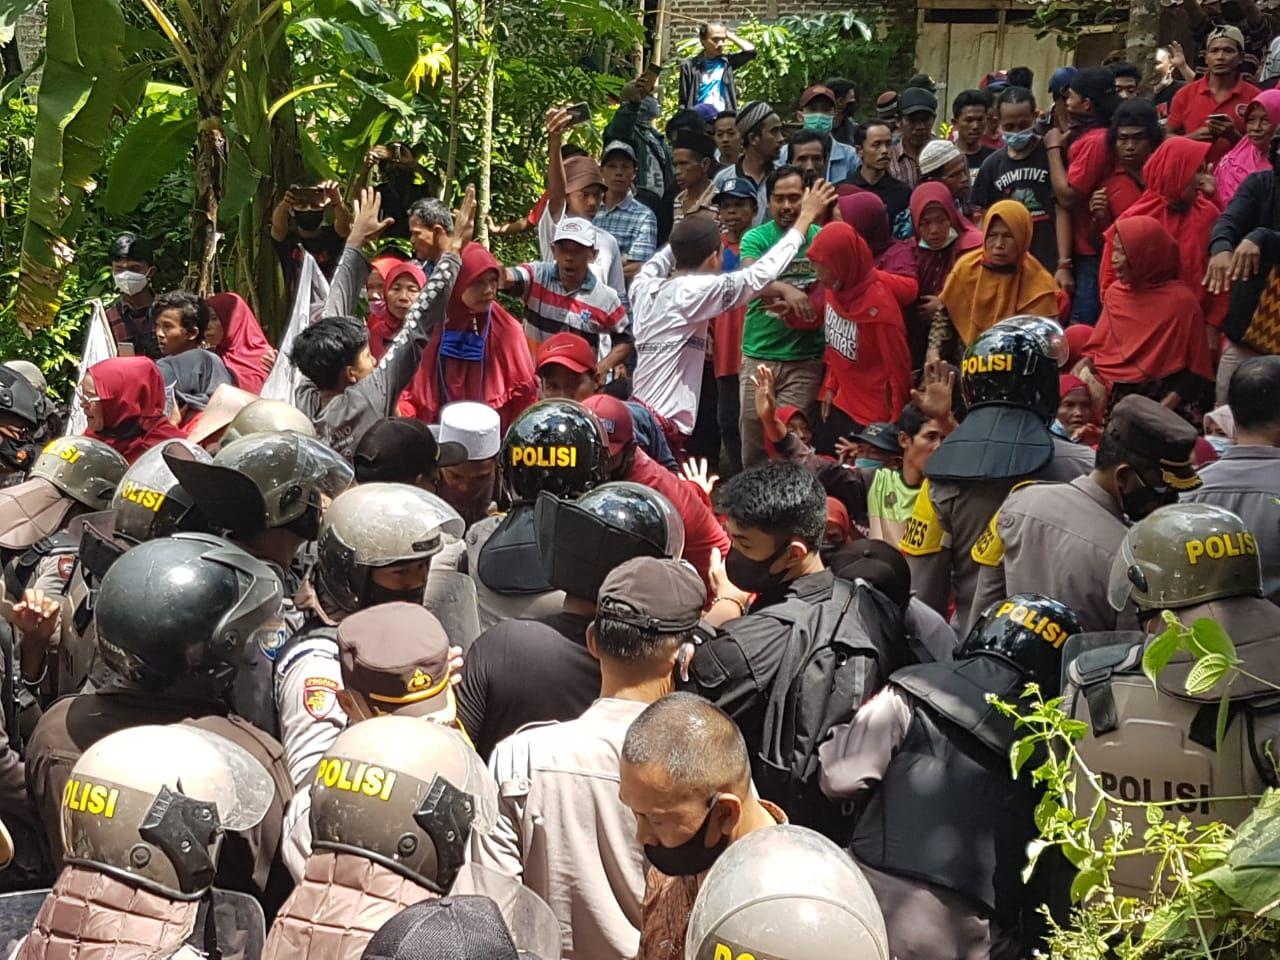 Bentrok Pemerintah dan Rakyat Soal Proyek Pembangunan Bendungan, Fraksi PKB Jateng: Ganjar Seharusnya Turun Tangan!